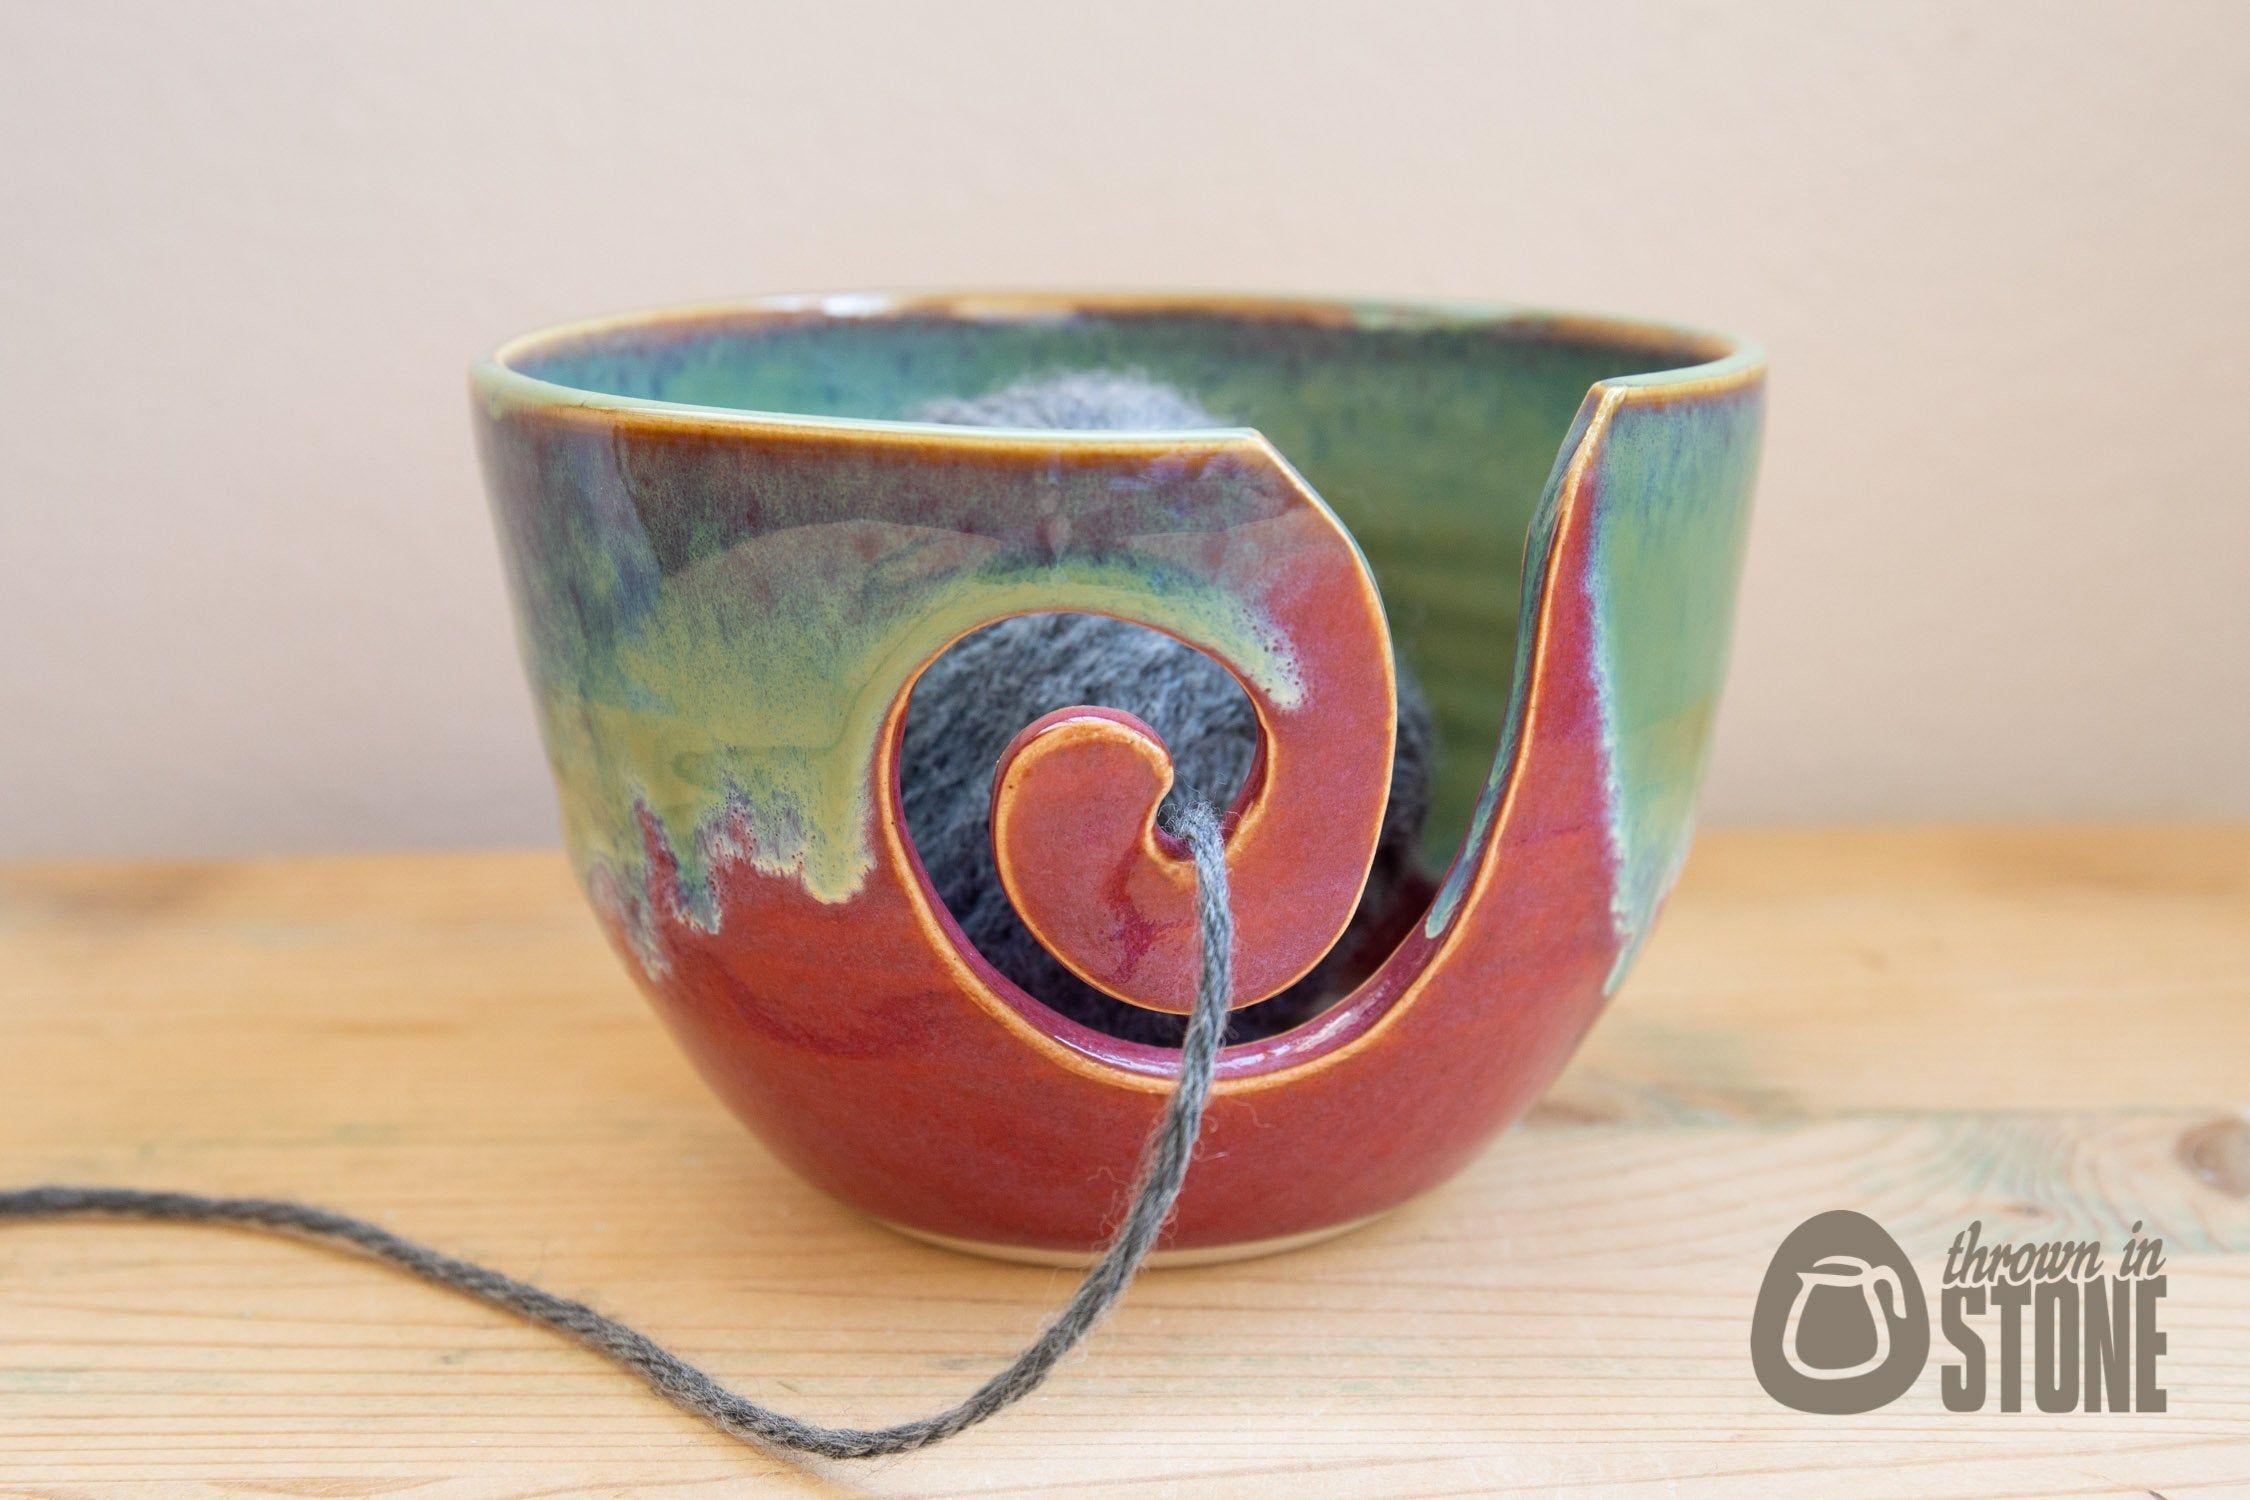 Yarn Bowl - Deep Pink and Green Wool Bowl - Stoneware Knitting and Crochet Bowl #crochetbowl